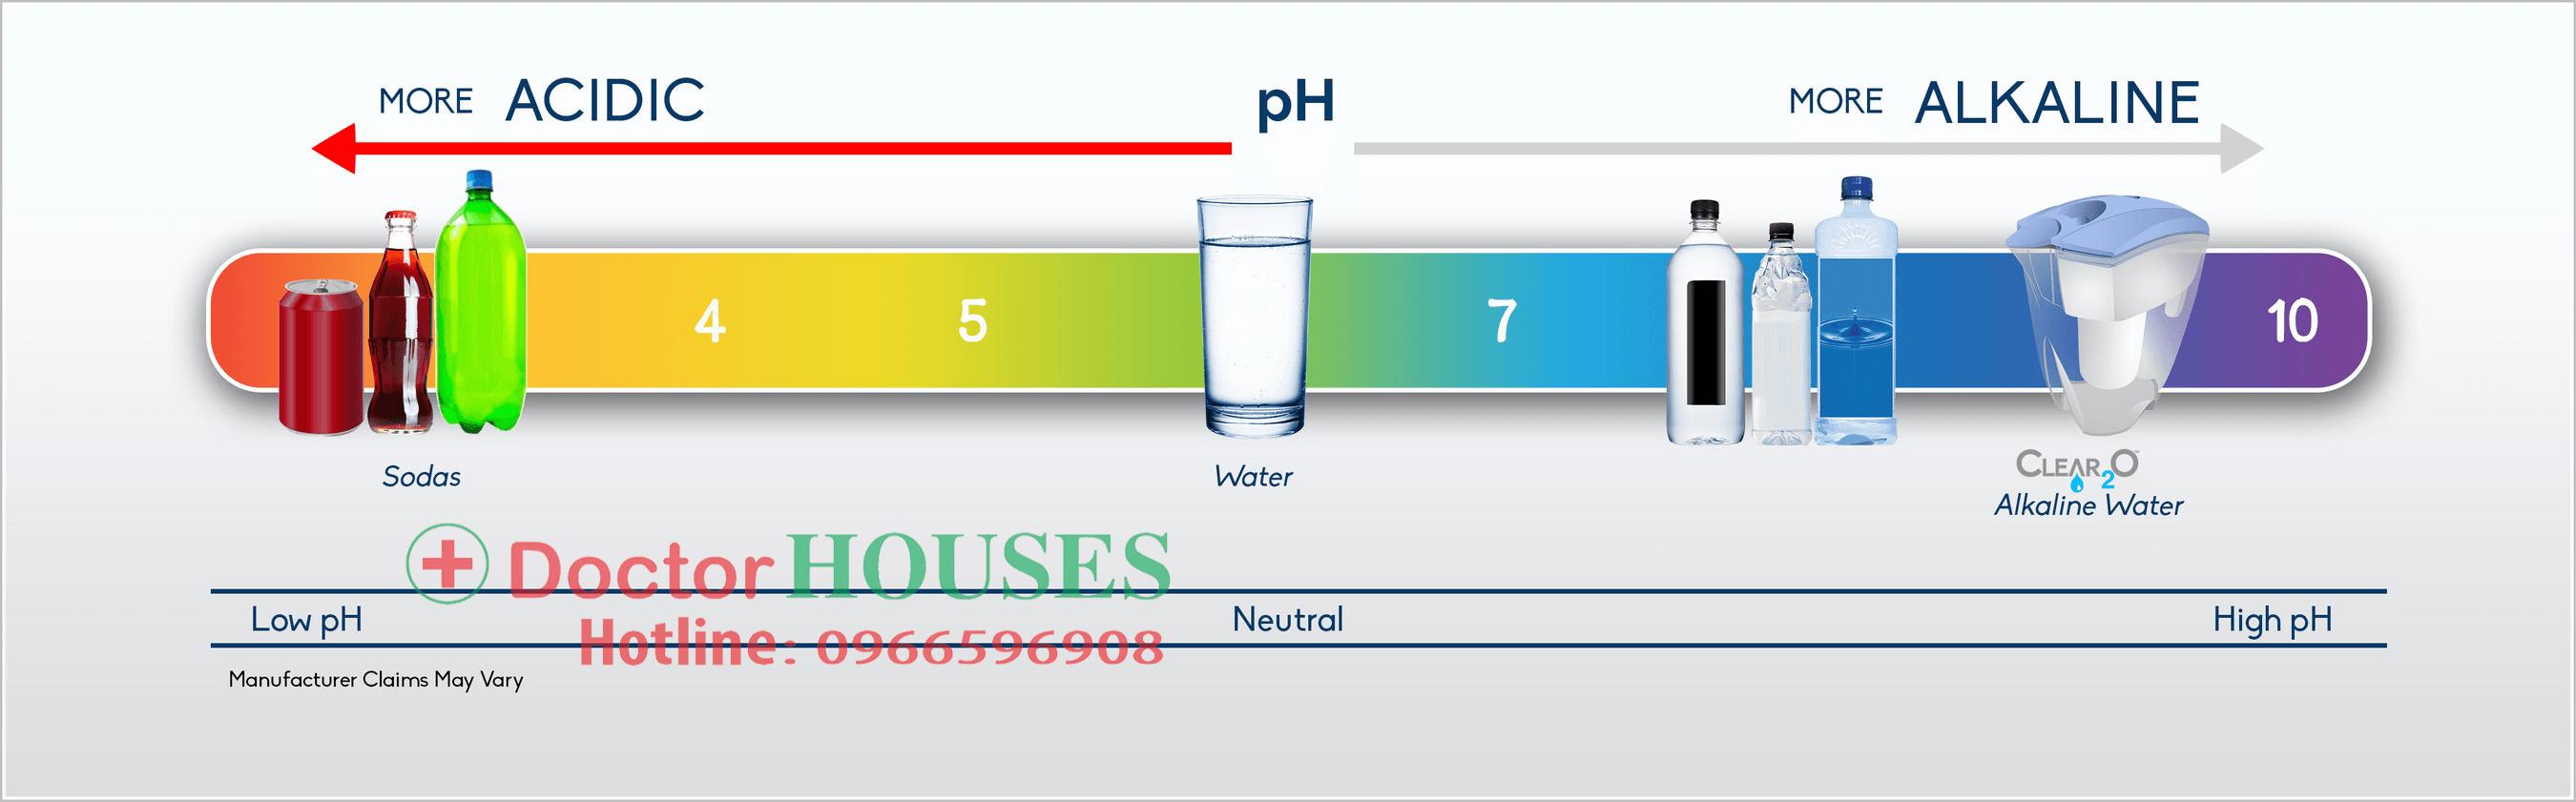 Nồng độ PH là gì? chỉ số PH ảnh hưởng tới sức khỏe như thế nào?